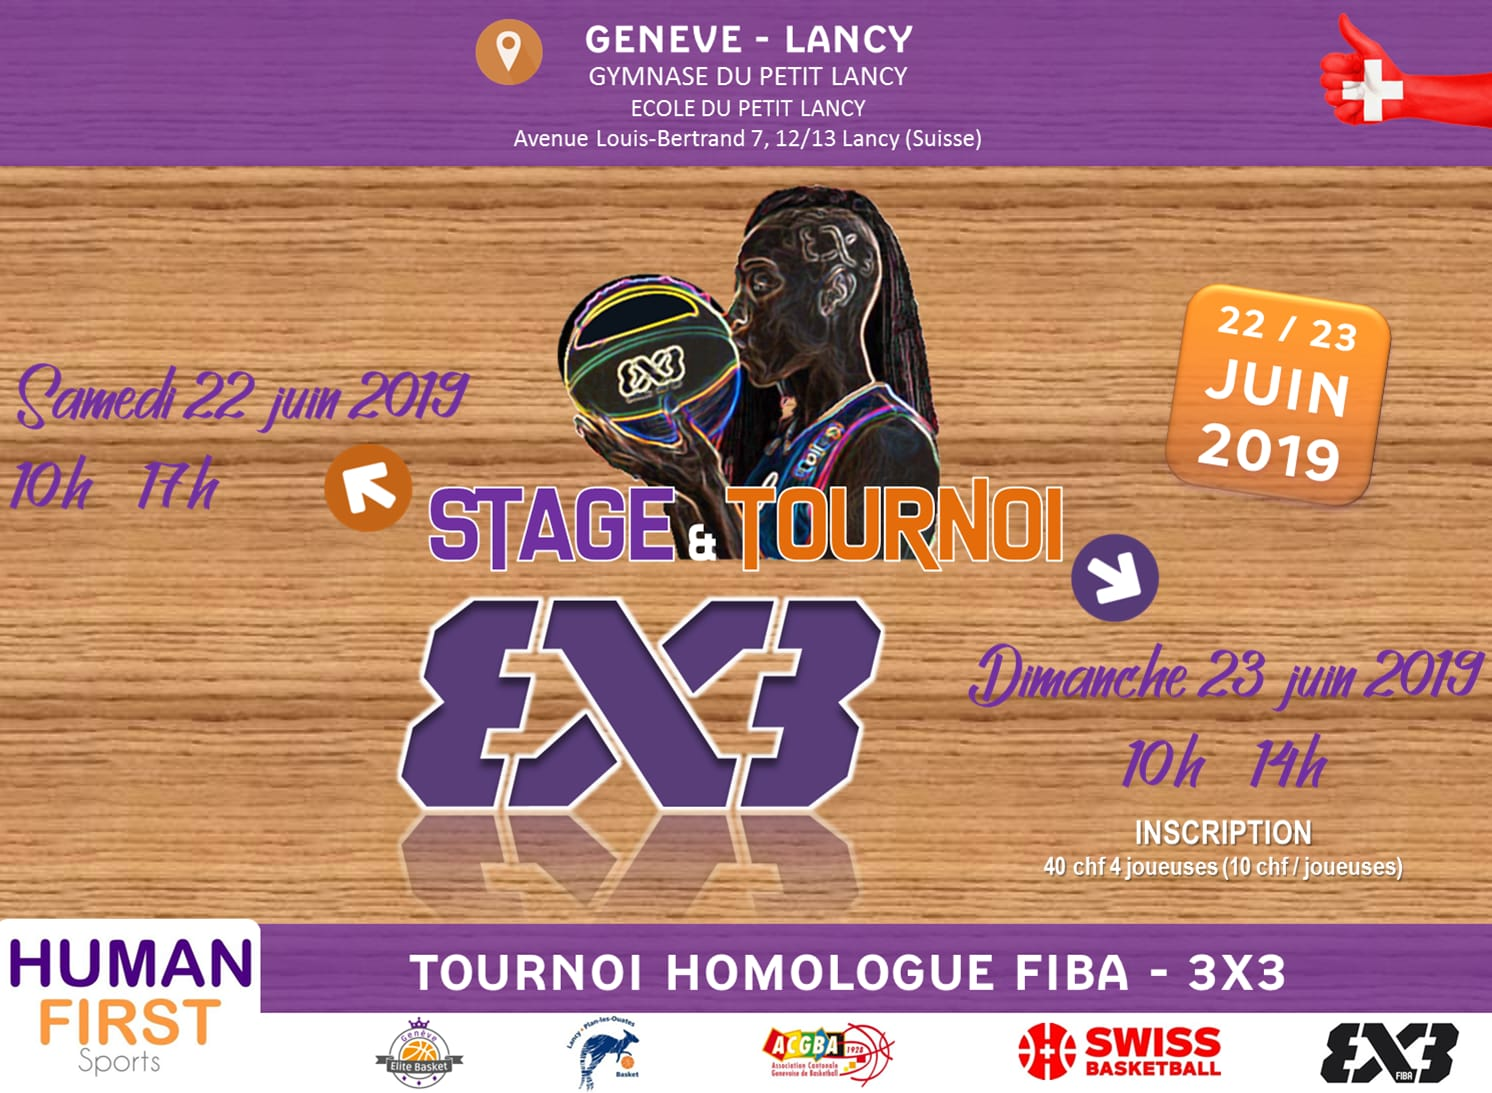 Tournoi Homologue FIBA - 3x3